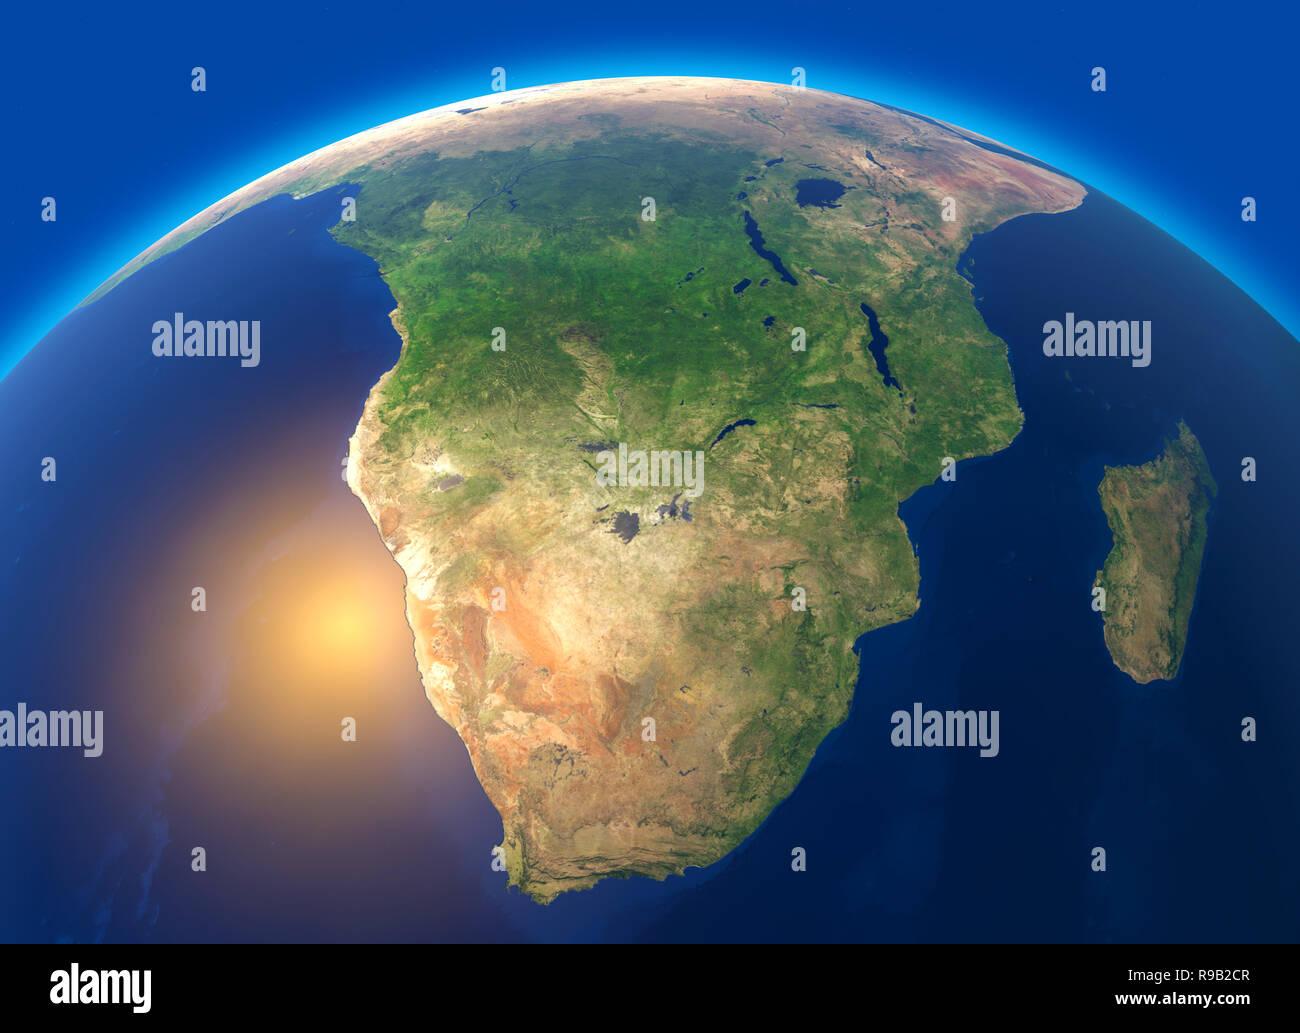 Cartina Satellitare Mondo.Cartina Fisica Del Mondo Vista Satellitare Del Sud Africa Globo Emisfero Rilievi E Oceani Il Rendering 3d Foto Stock Alamy